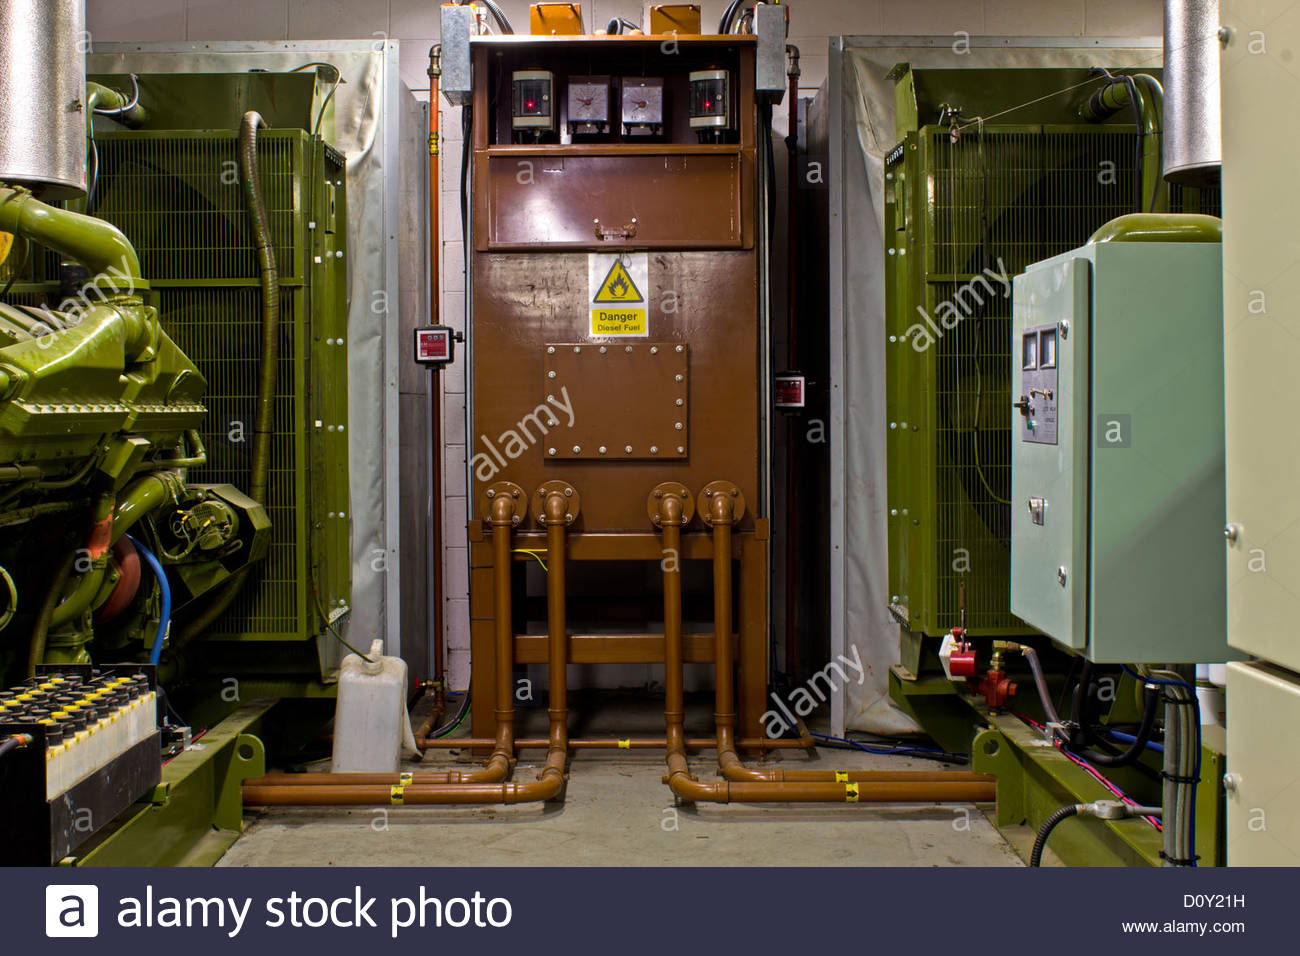 Diesel Tank Stock Photos & Diesel Tank Stock Images